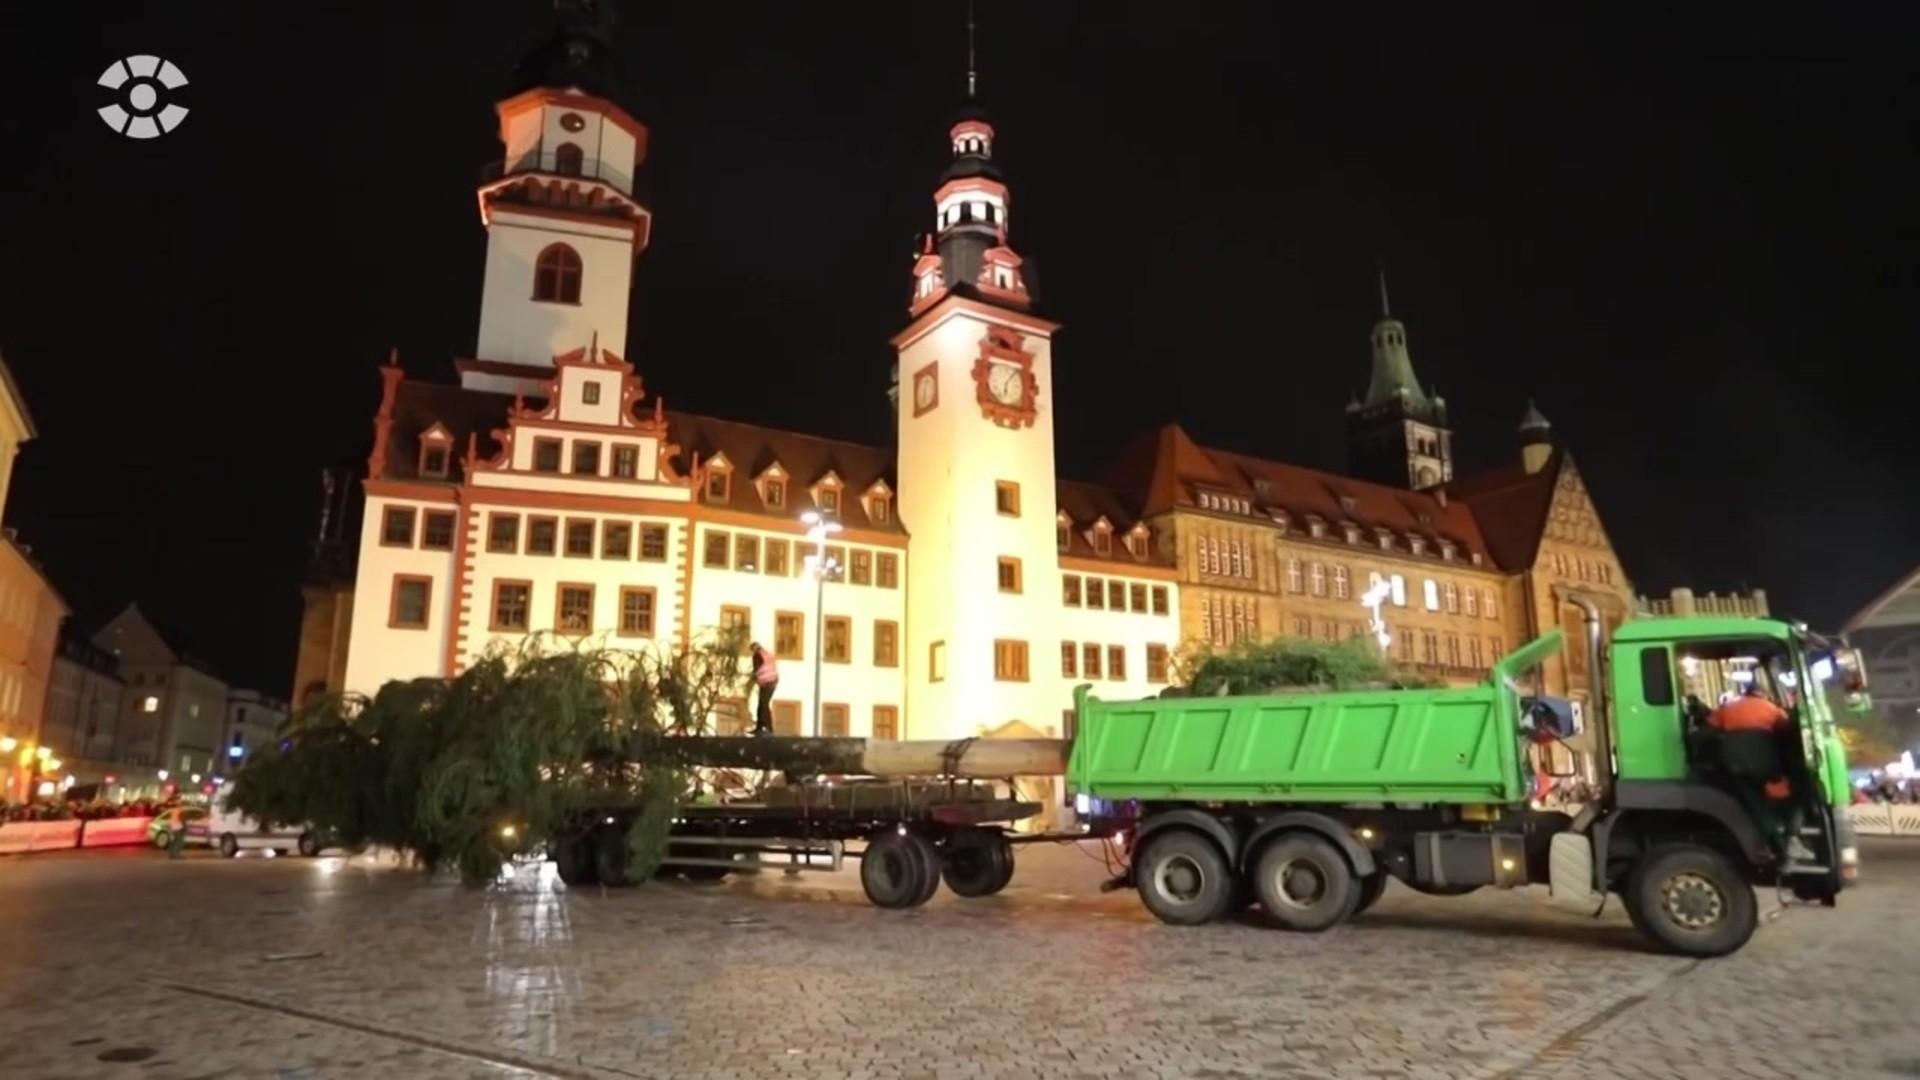 weihnachtsbaum chemnitz 2019